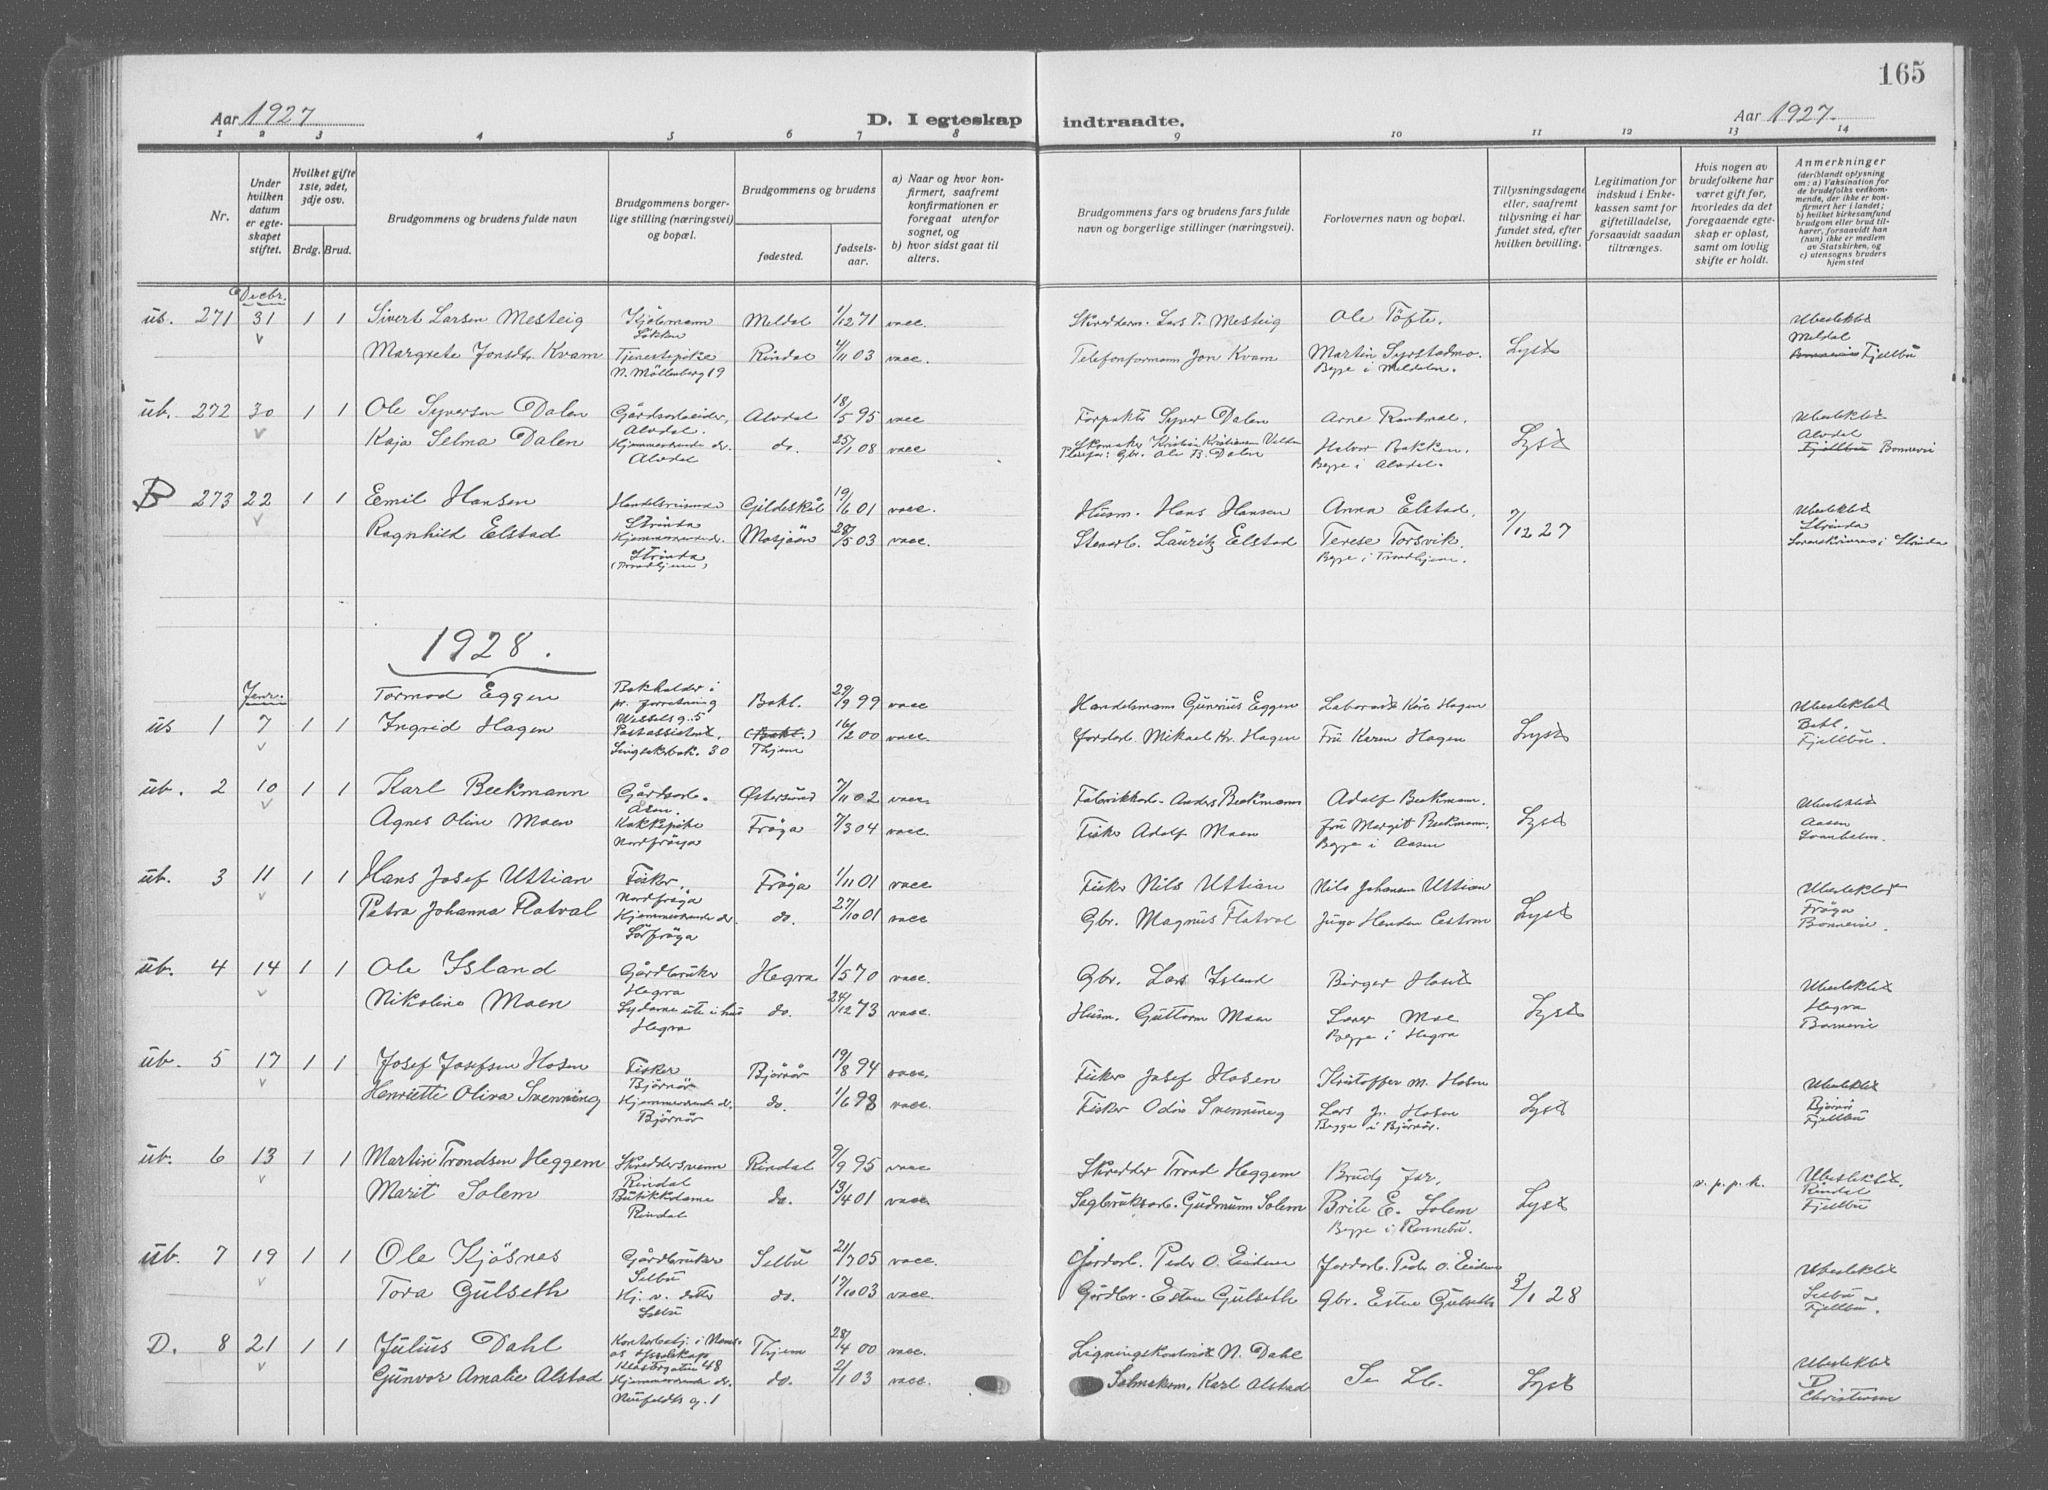 SAT, Ministerialprotokoller, klokkerbøker og fødselsregistre - Sør-Trøndelag, 601/L0098: Klokkerbok nr. 601C16, 1921-1934, s. 165